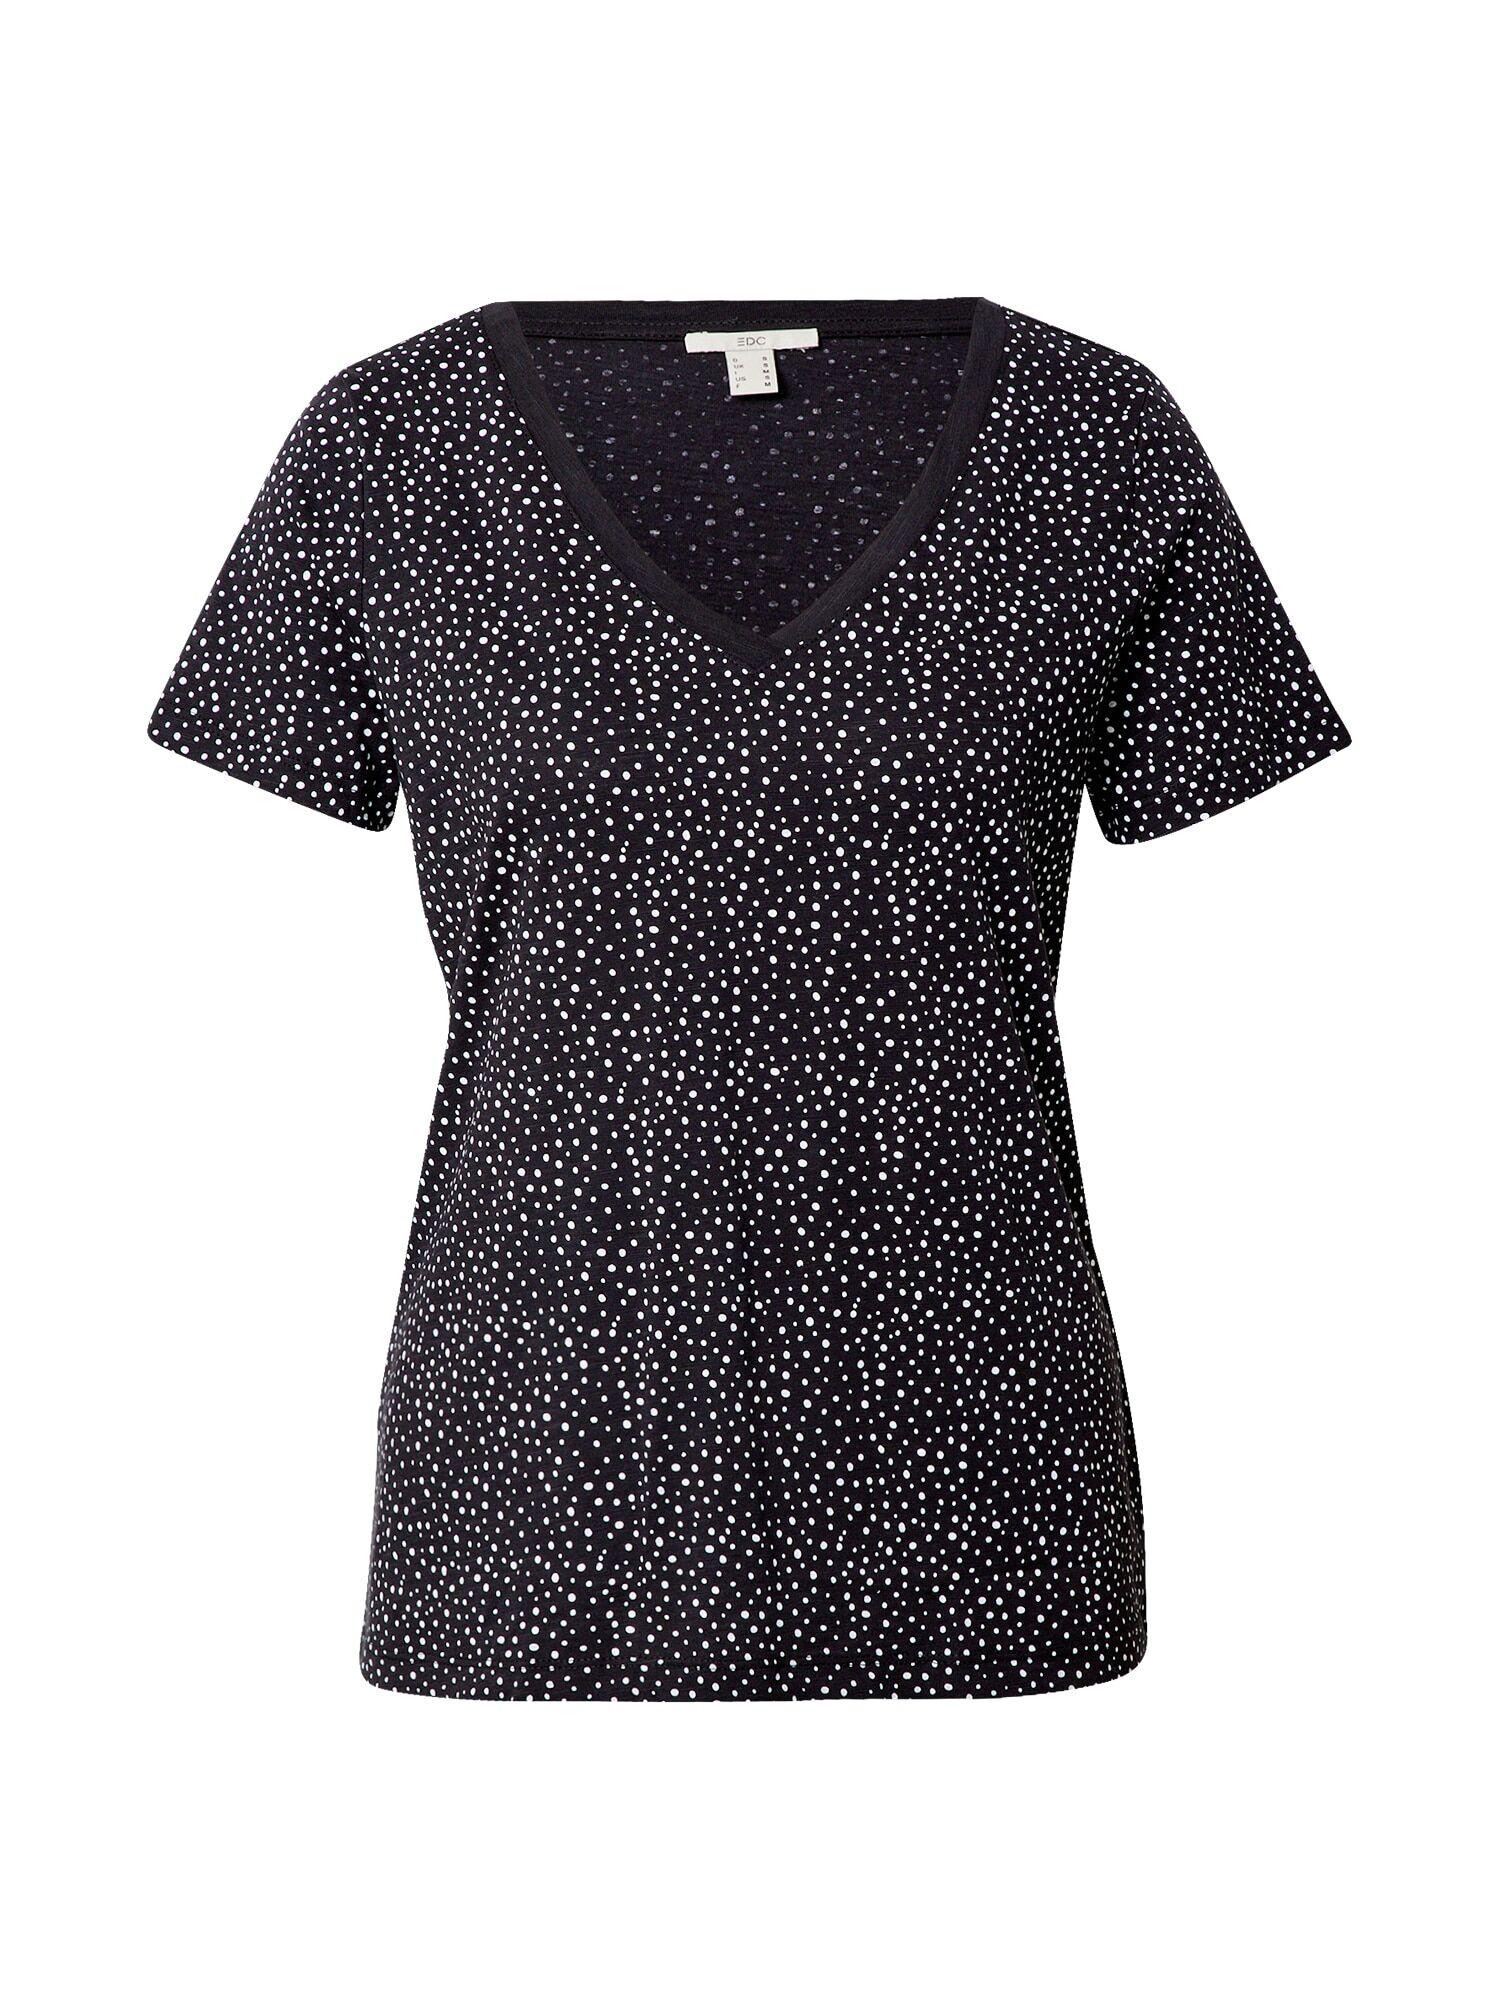 Esprit T-shirt  - Noir - Taille: XS - female